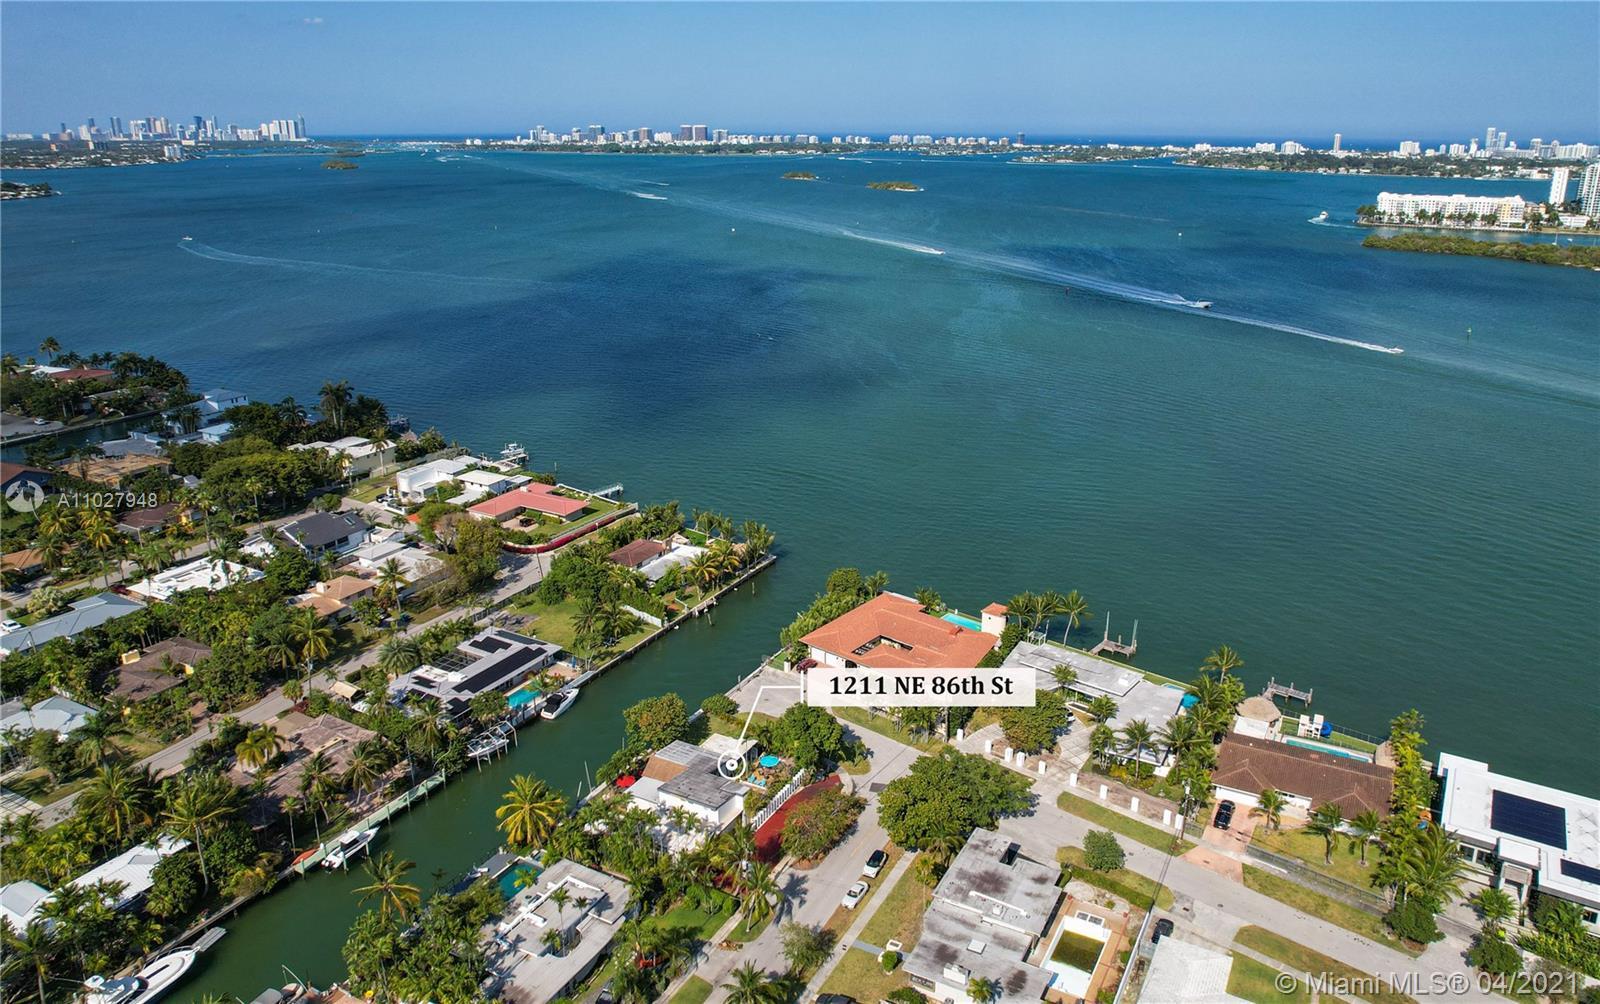 Shore Crest - 1211 NE 86th St, Miami, FL 33138